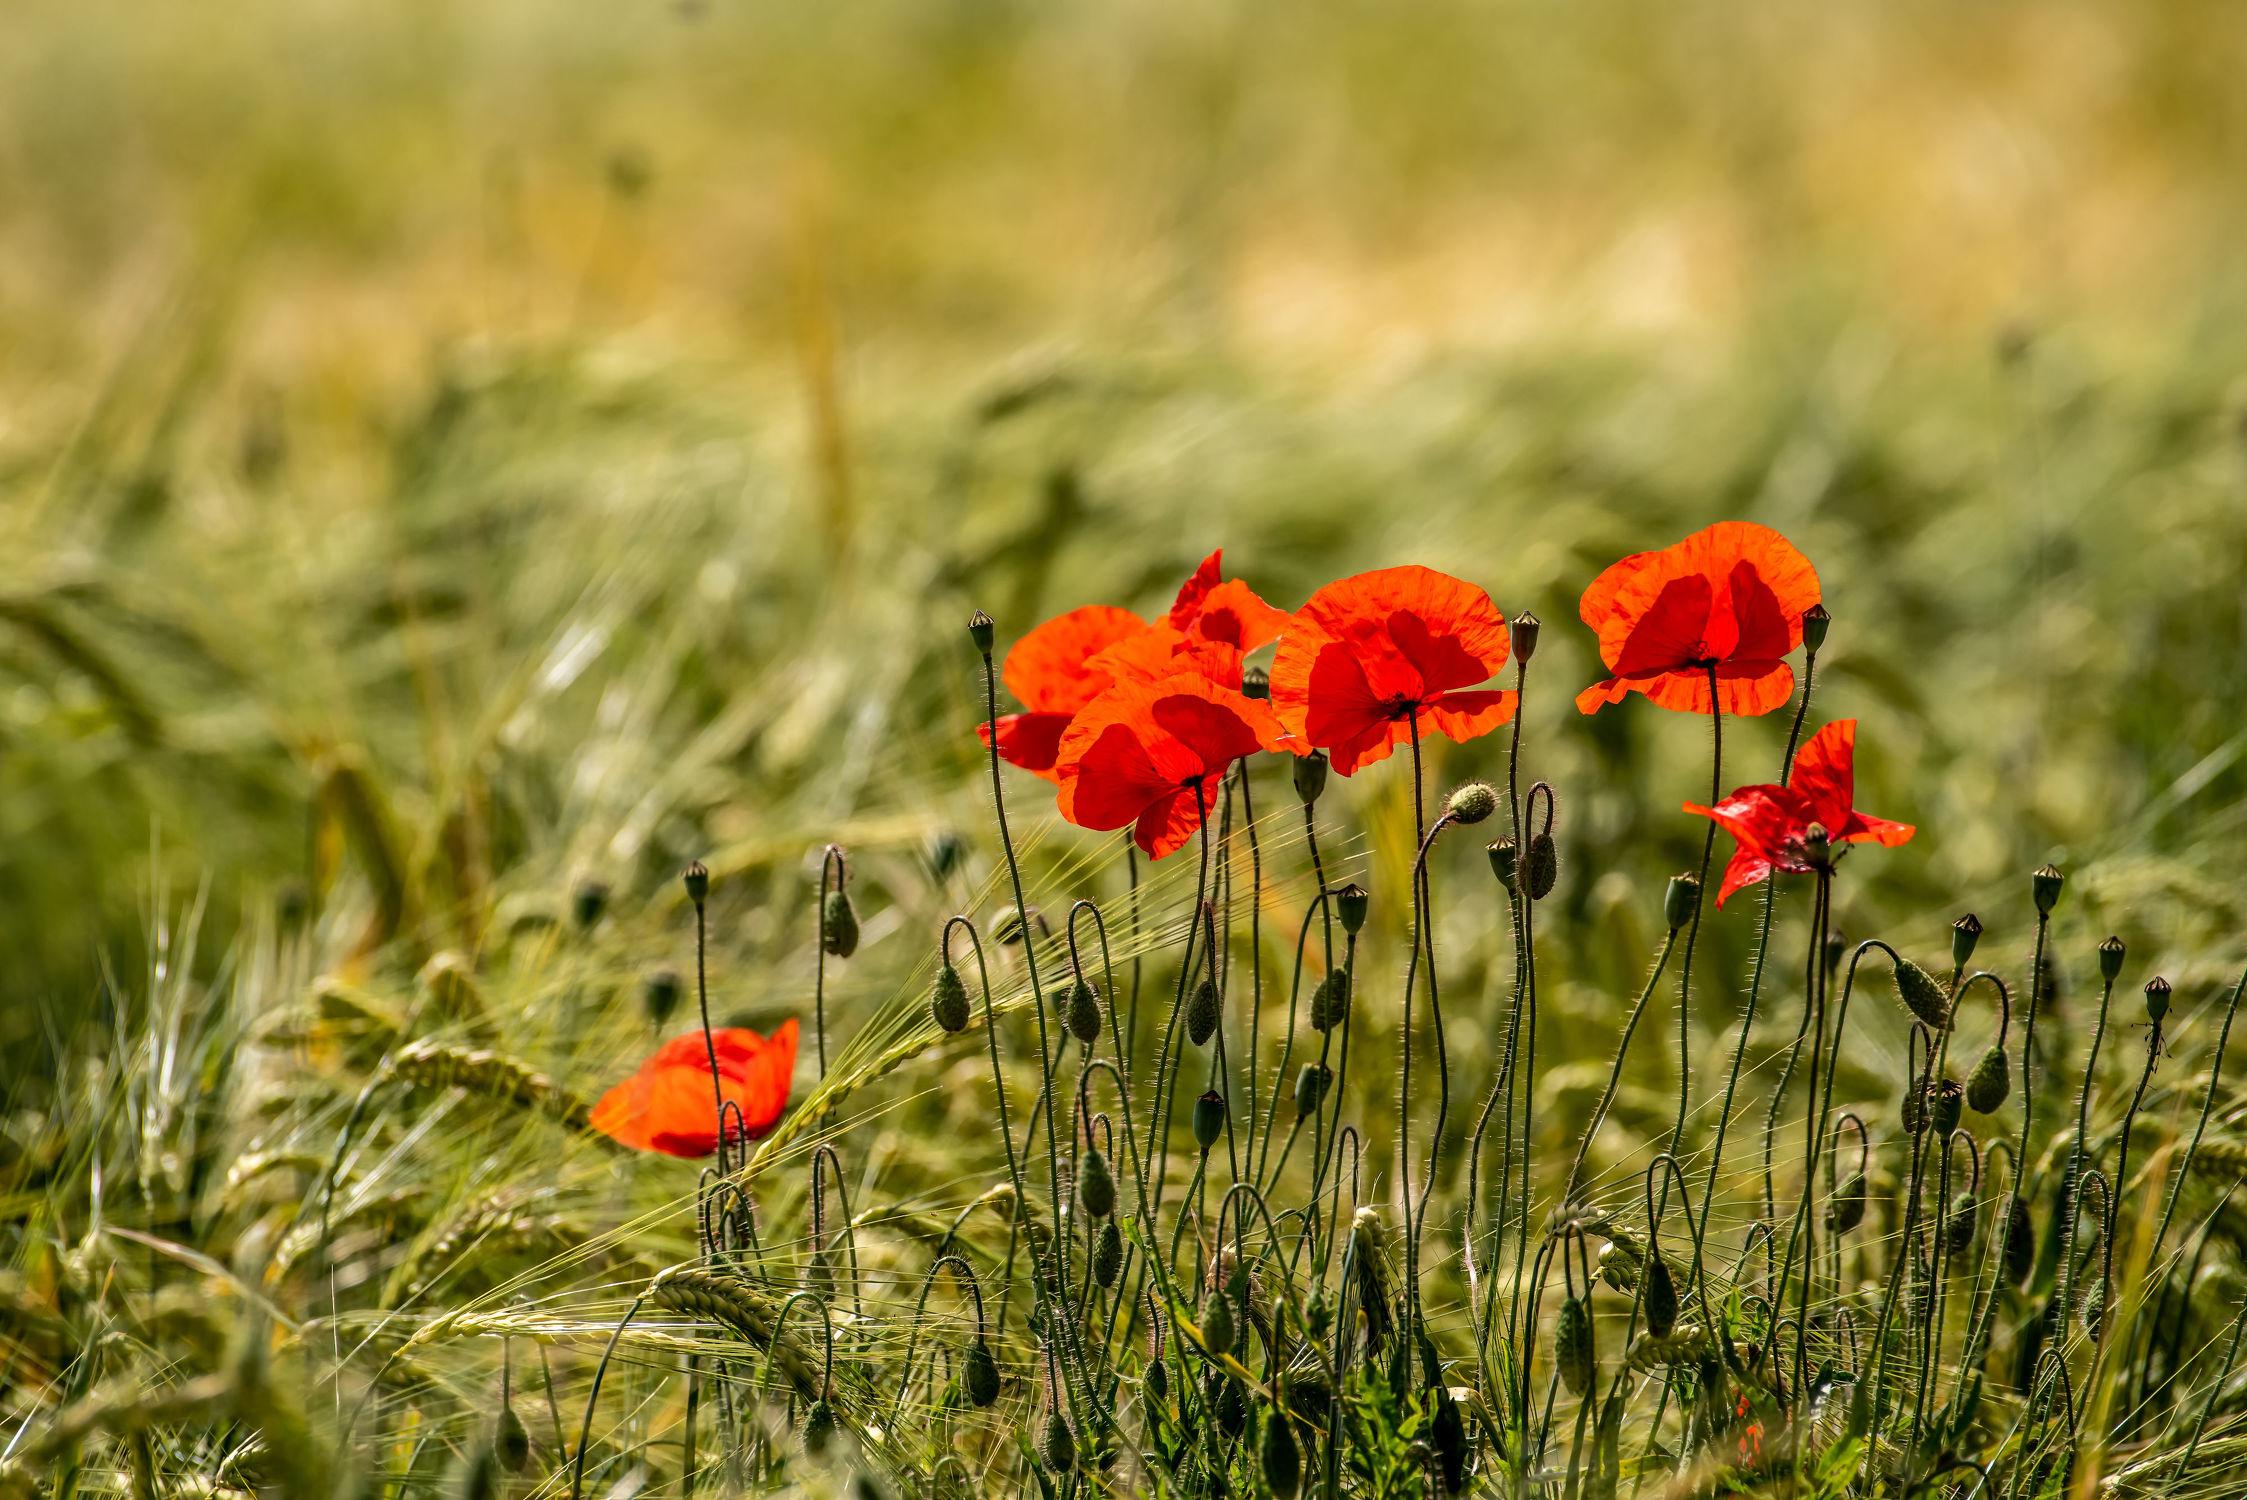 Bild mit Natur, Pflanzen, Jahreszeiten, Blumen, Sommer, Mohn, Klatschmohn, Wiese, Gegenlicht, Licht, Felder, Blüten, landwirtschaft, Kornfeld, Schatten, Gerste, Ackerbau, Getreideanbau